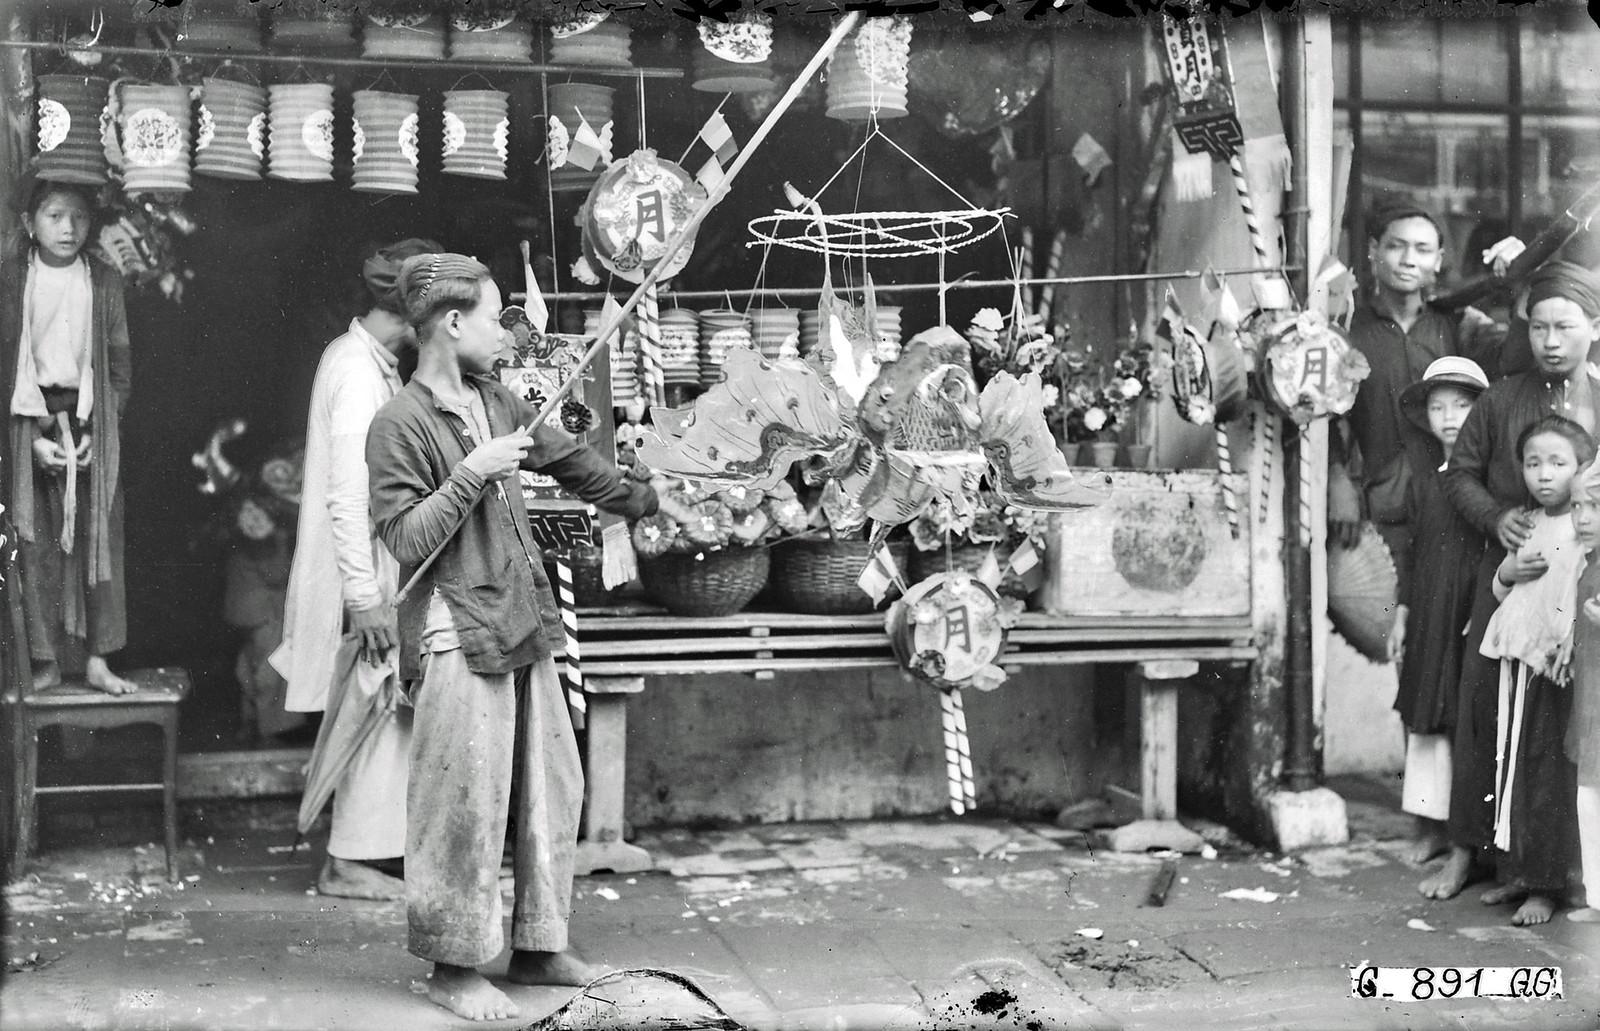 Ảnh tư liệu quý giá về tết Trung thu ở Hà Nội năm 1926